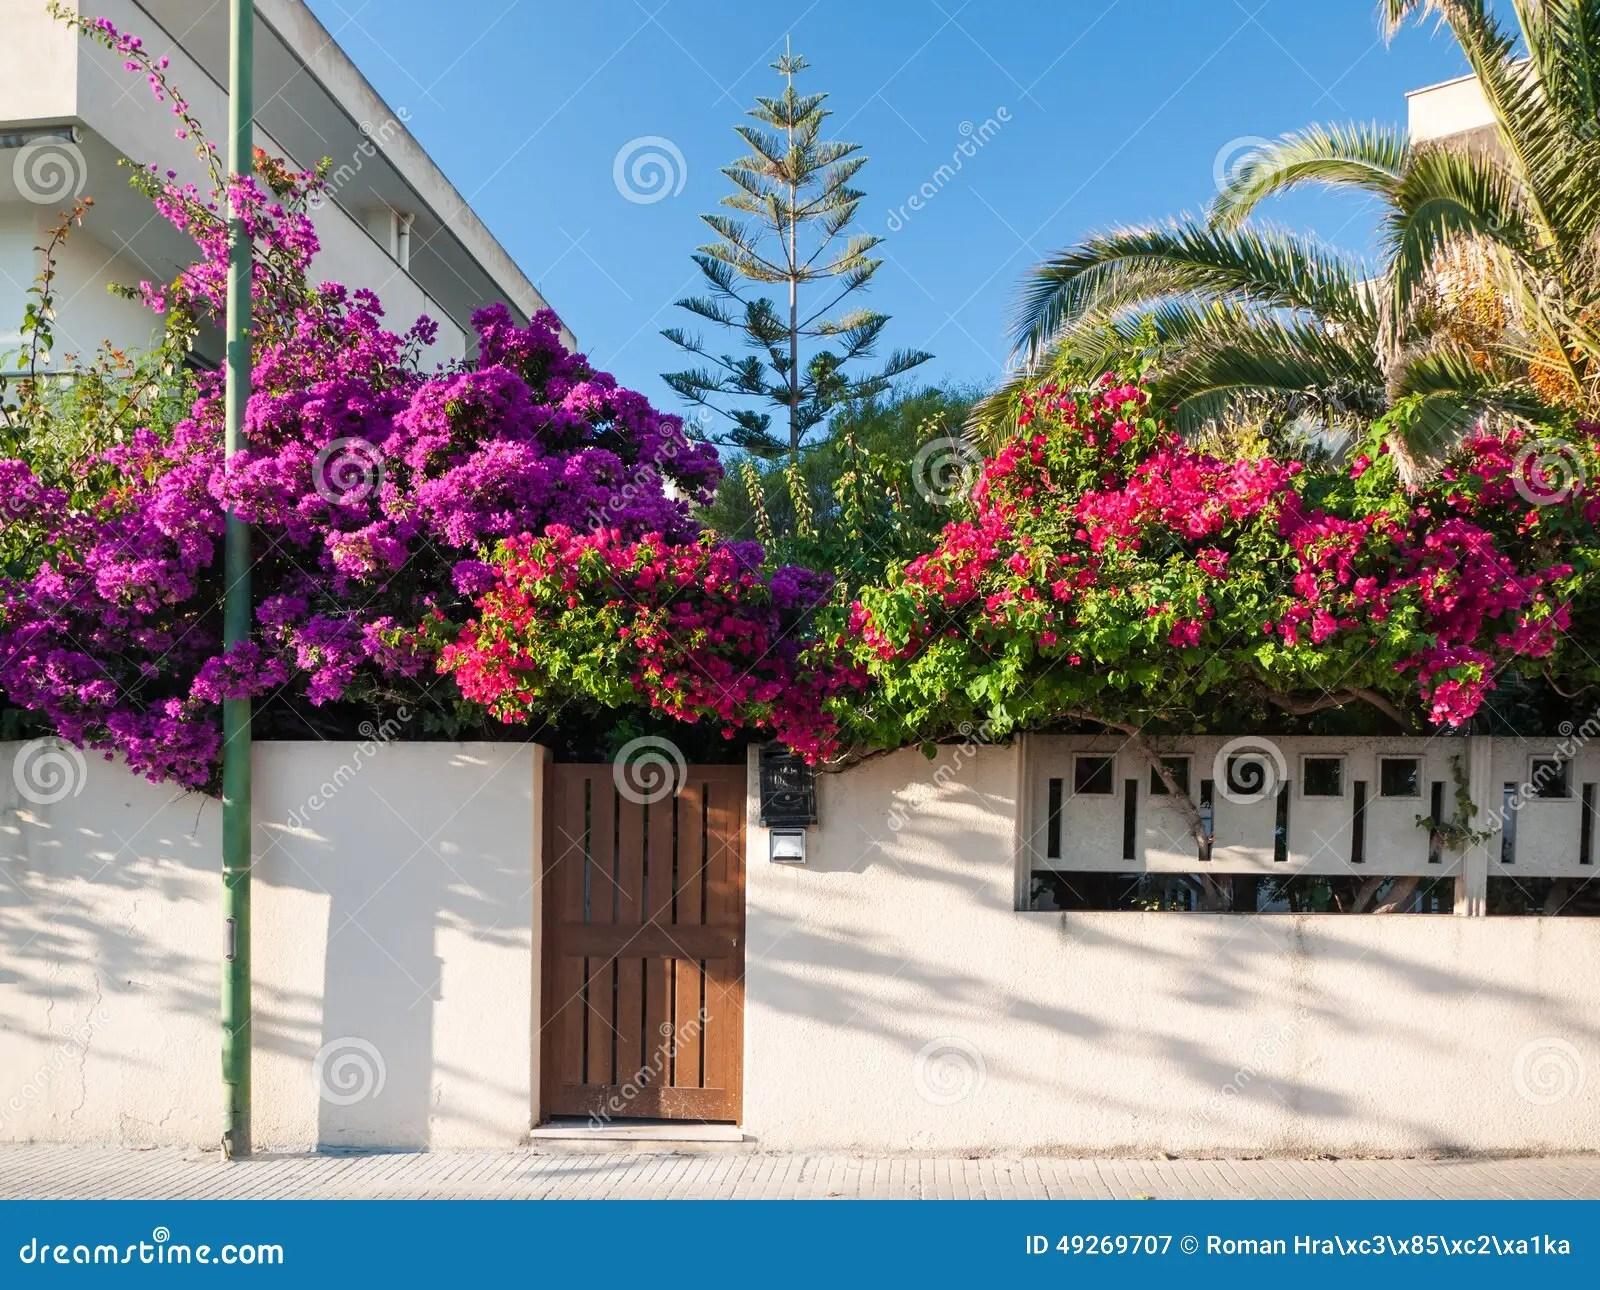 Mediterranean Flower Garden Stock Image Image 49269707